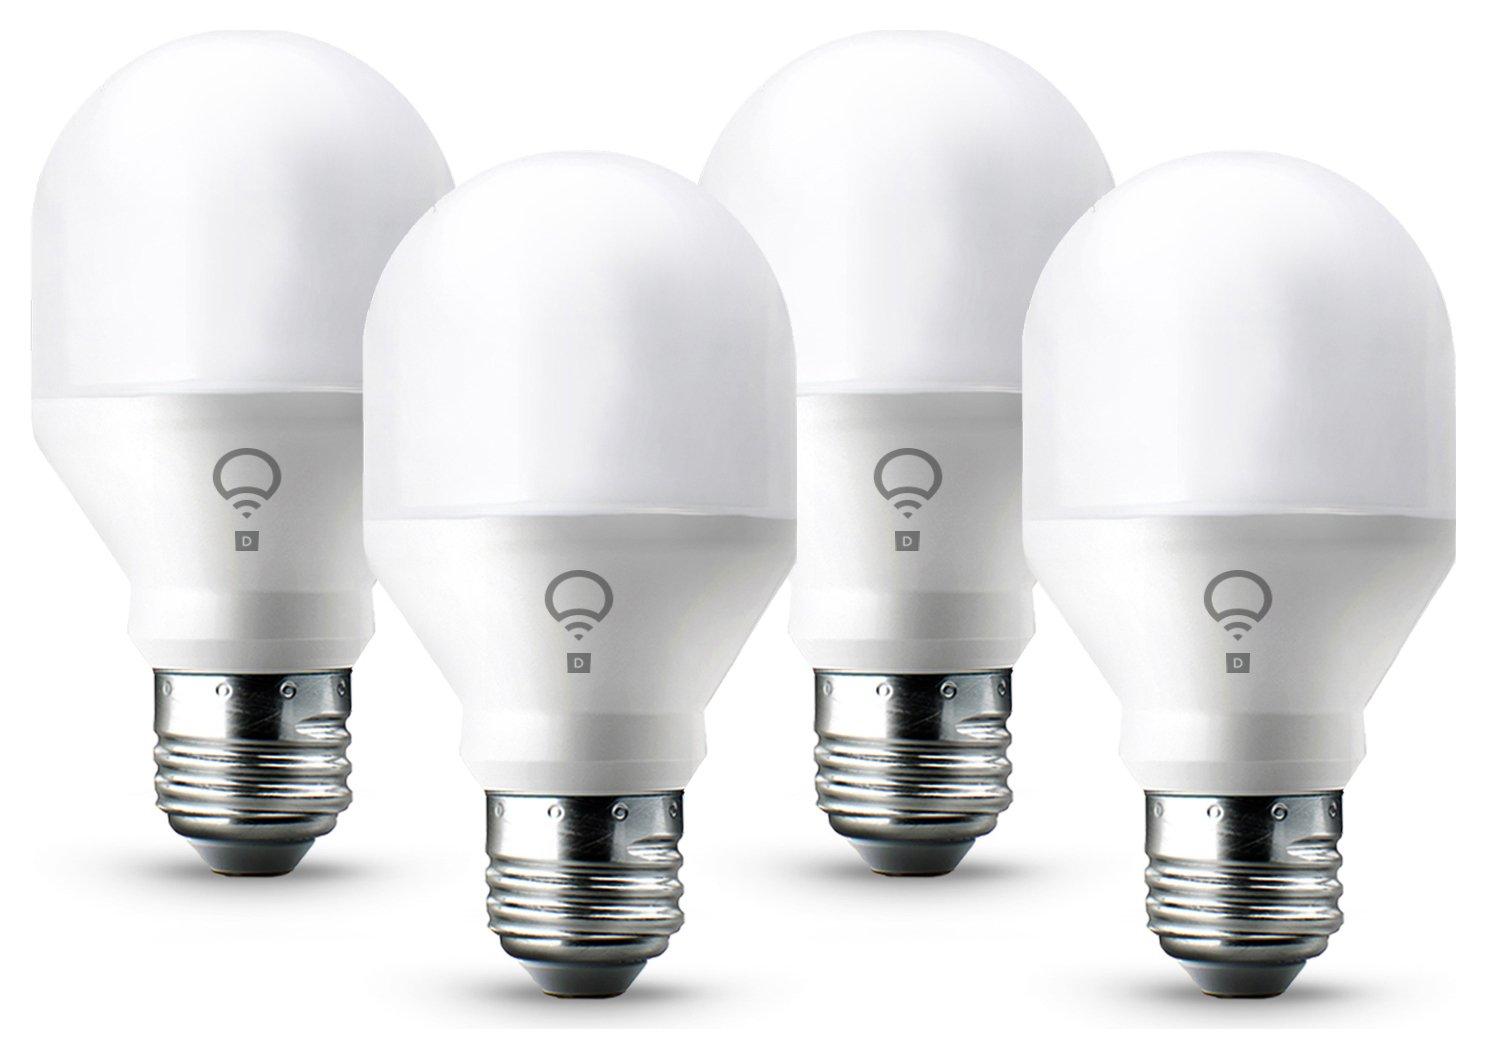 Lifx Mini E27 Day and Dusk Smart Light Bulb - 4 Pack